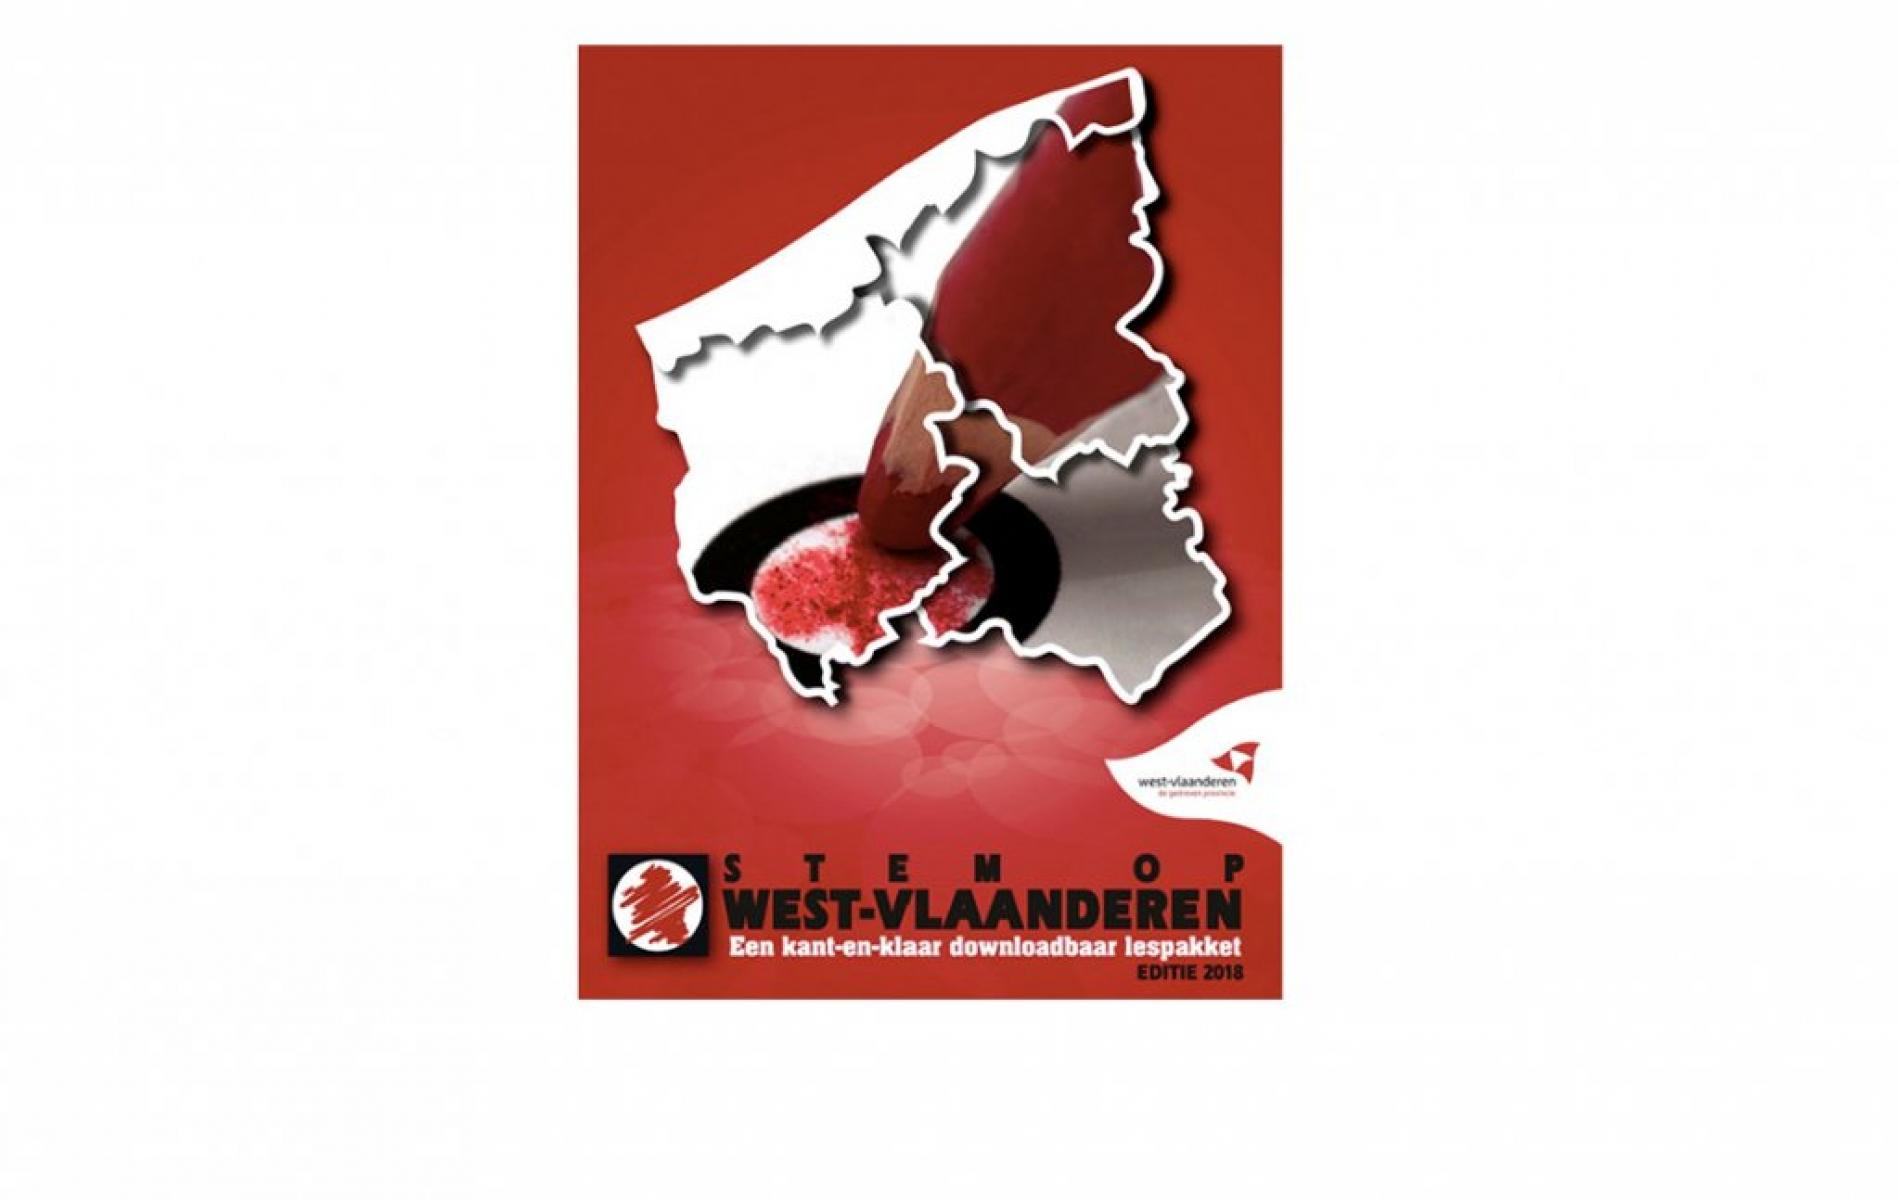 Stem op West-Vlaanderen